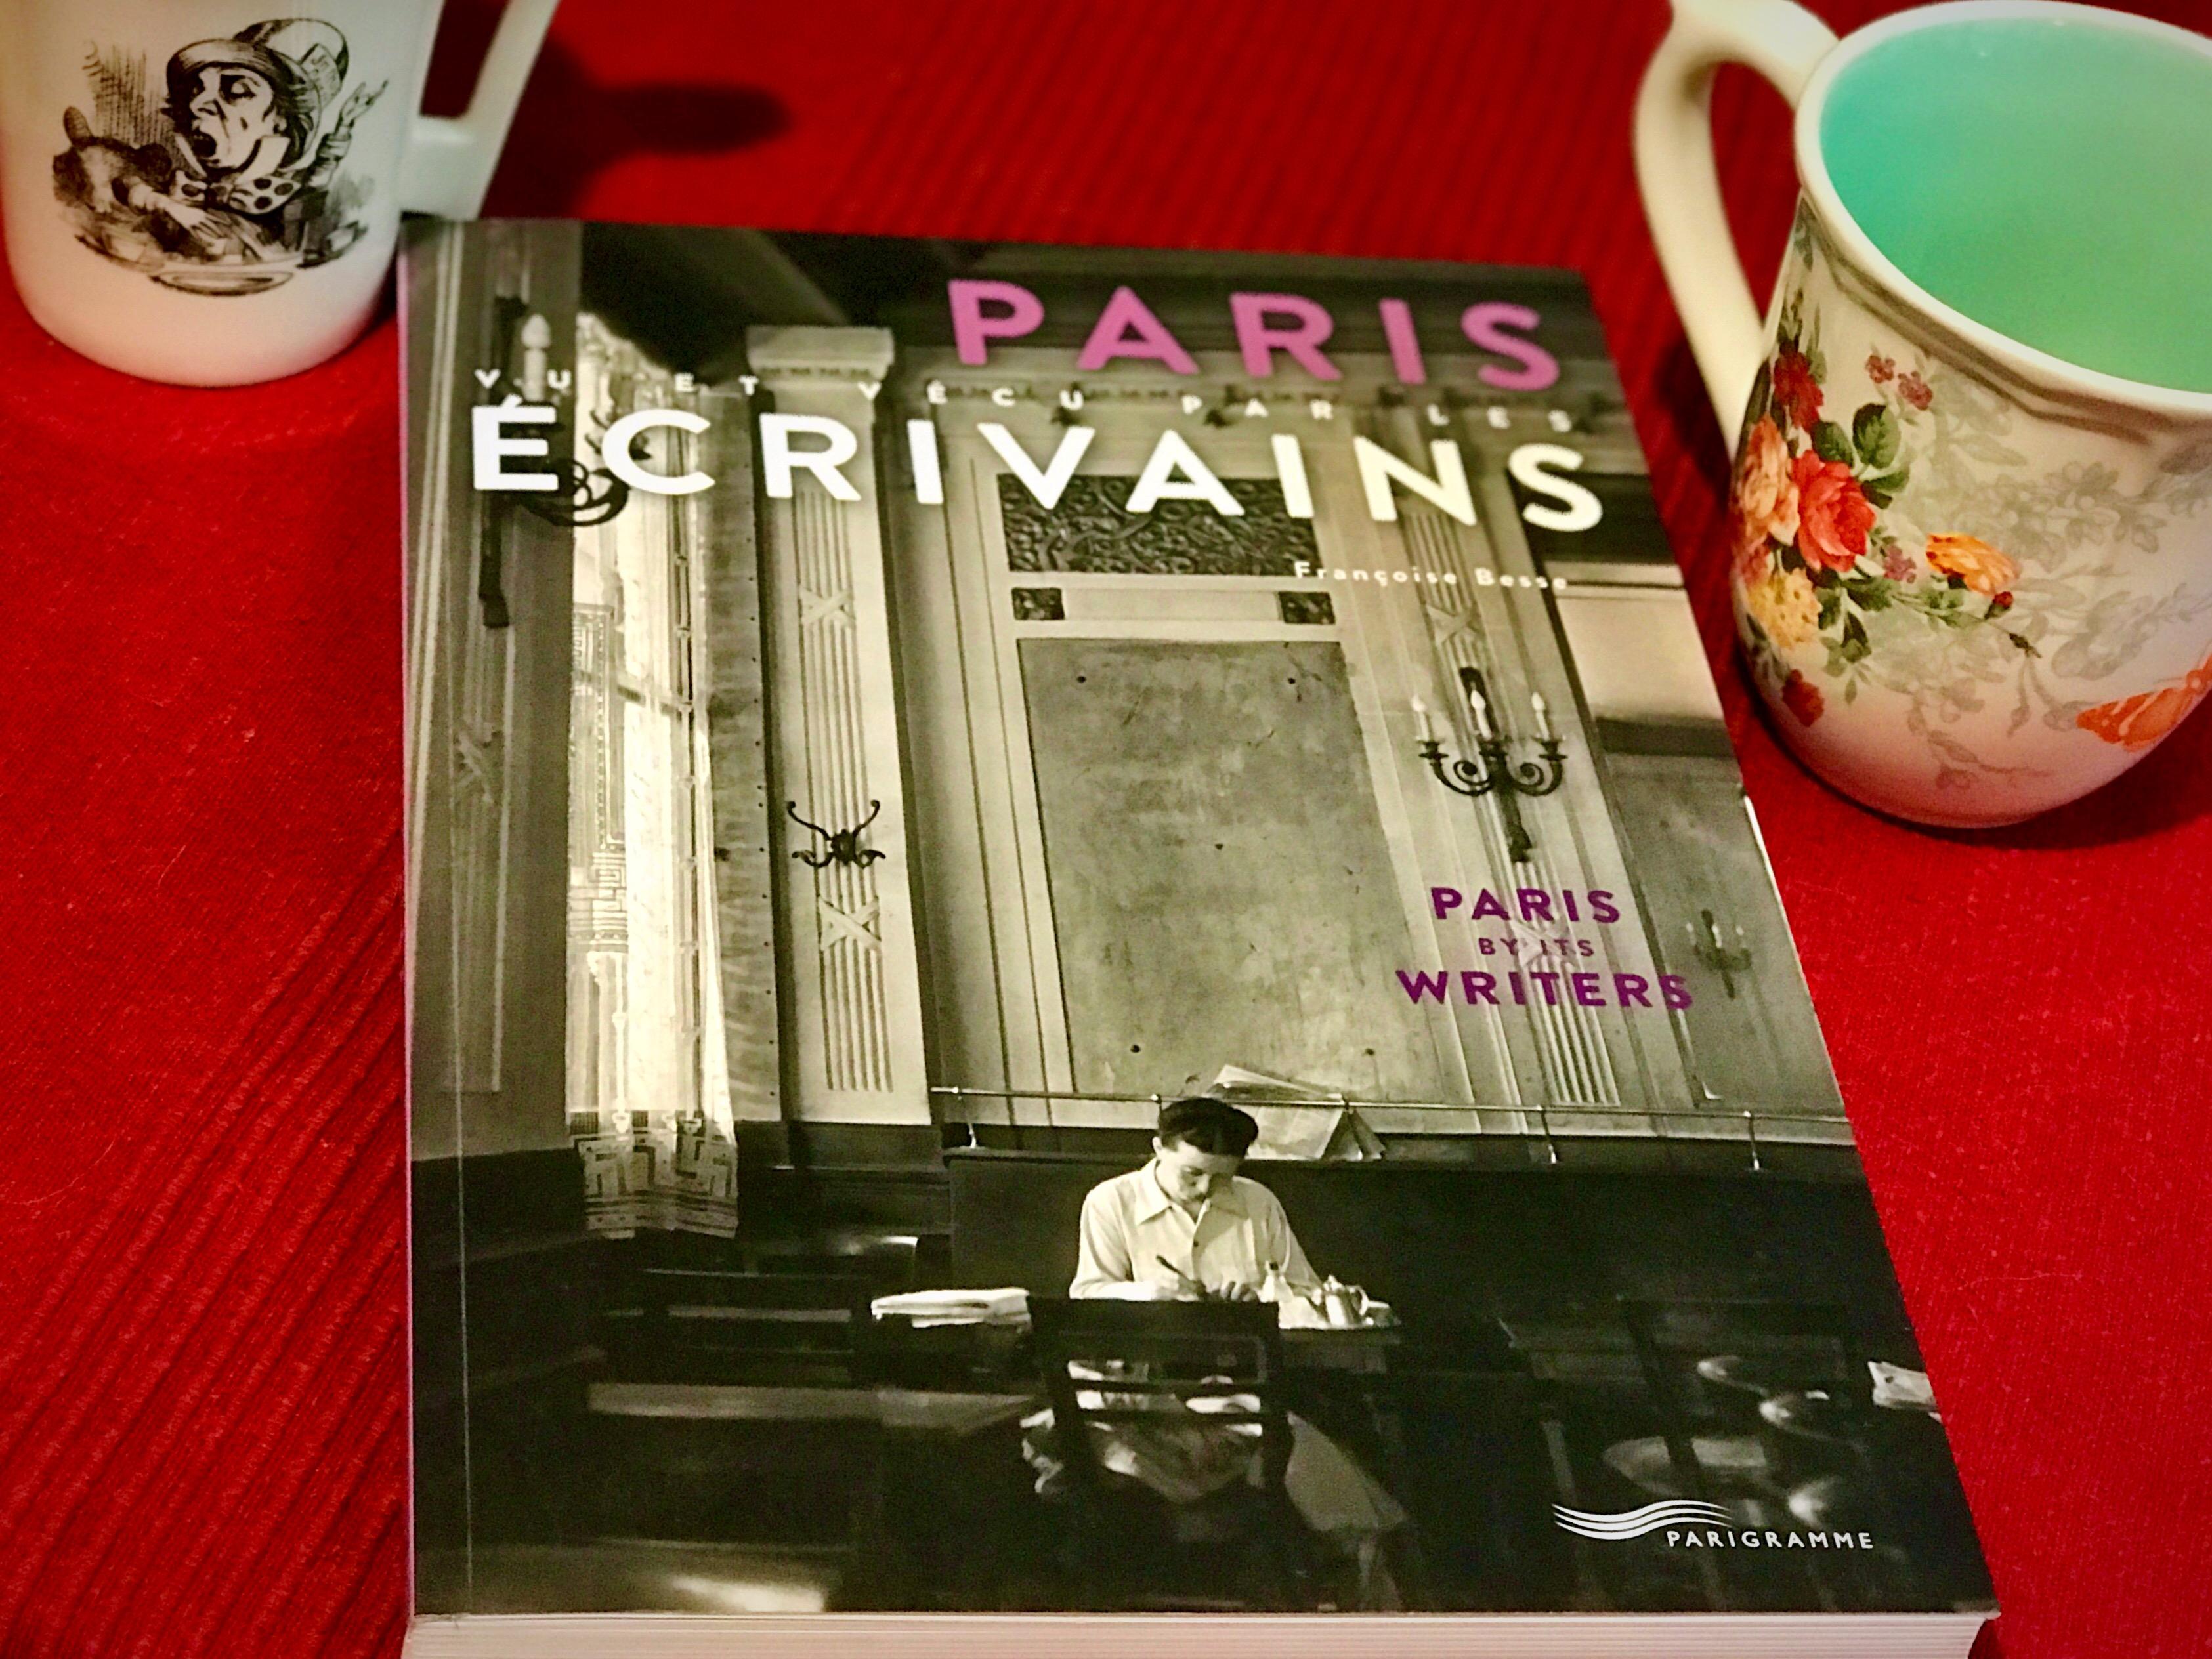 Lettura Parigi degli scrittori